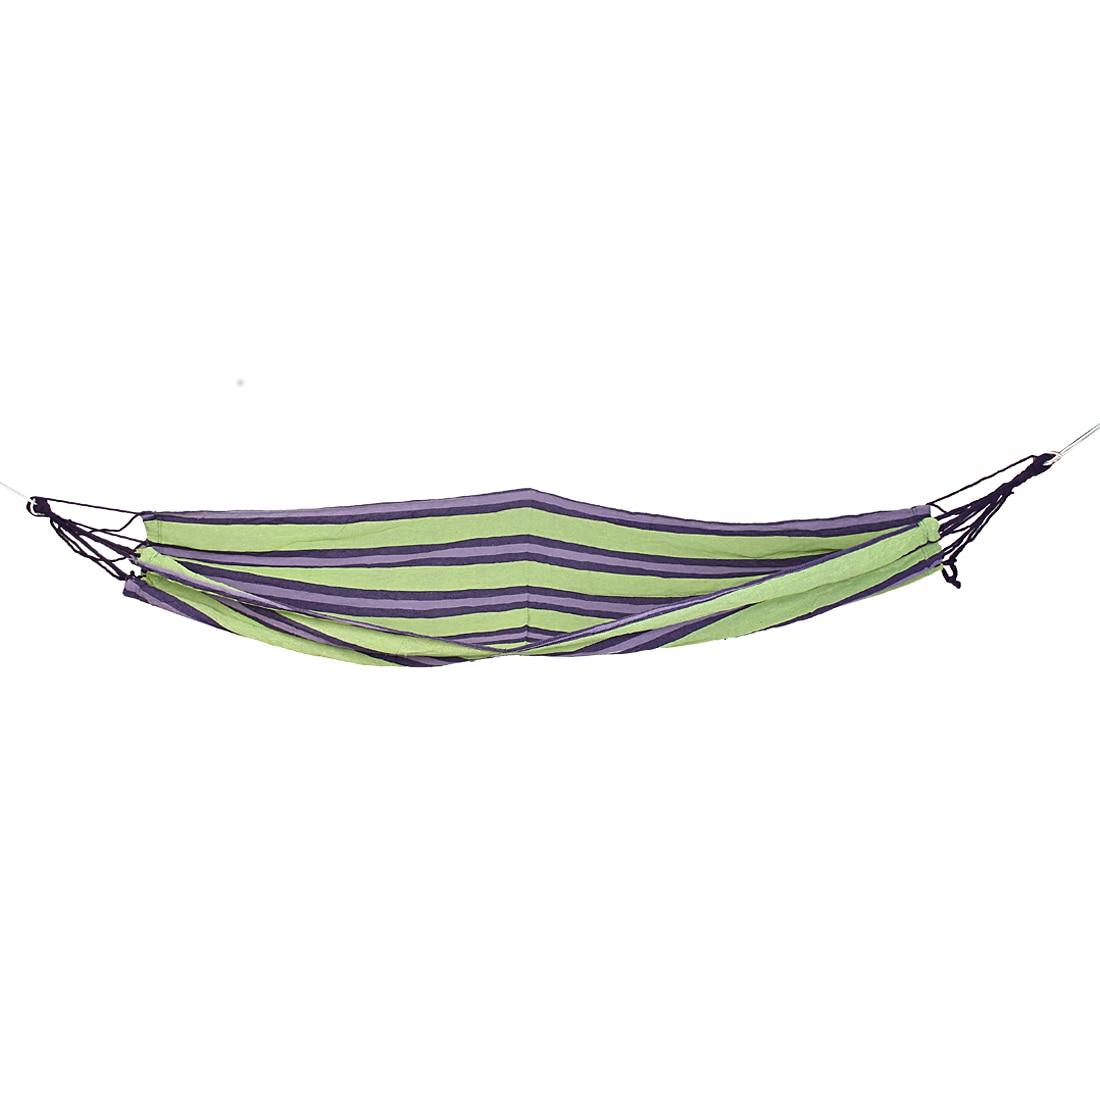 Striped Pattern Outdoor Camping на 280 см X 82 см, вешающий единственную кровать холста гамака ремень Грина В